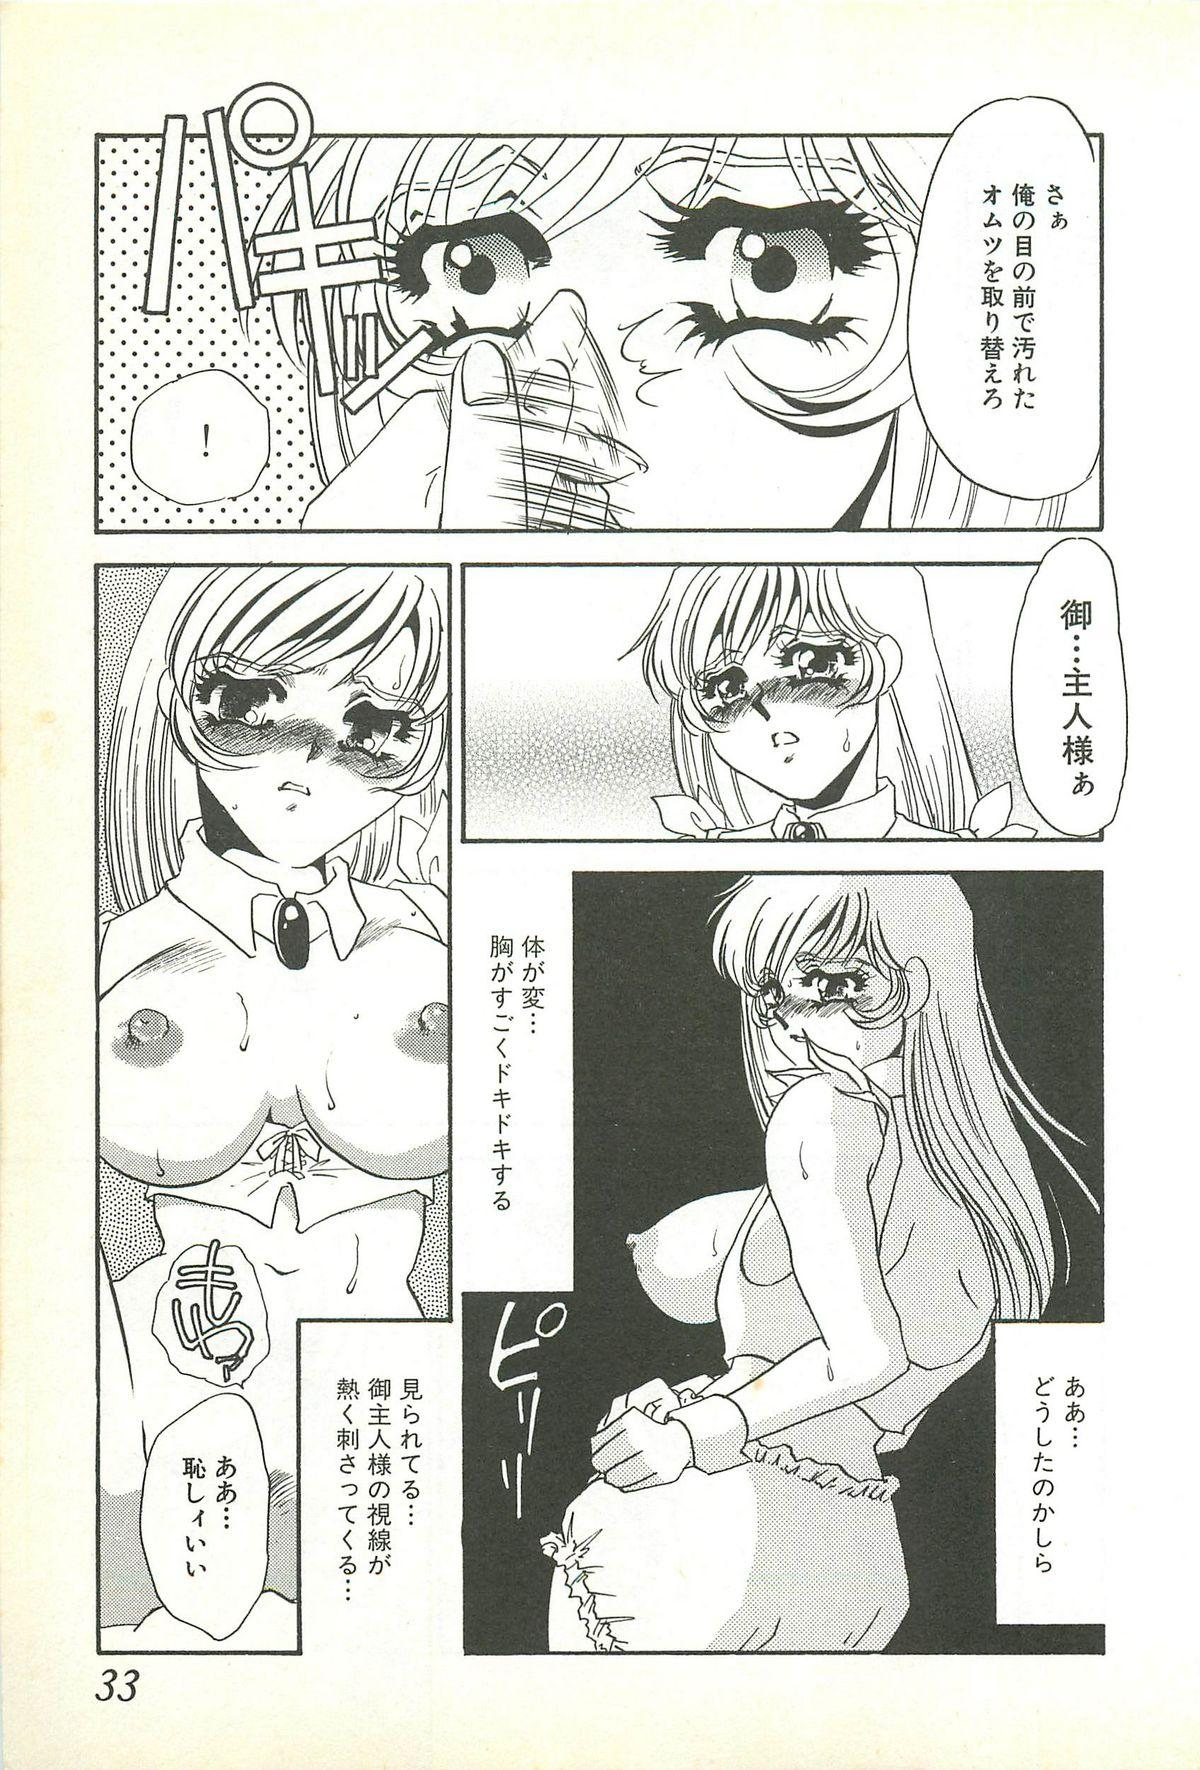 Chigyaku no Heya - A Shameful Punishment Room 29